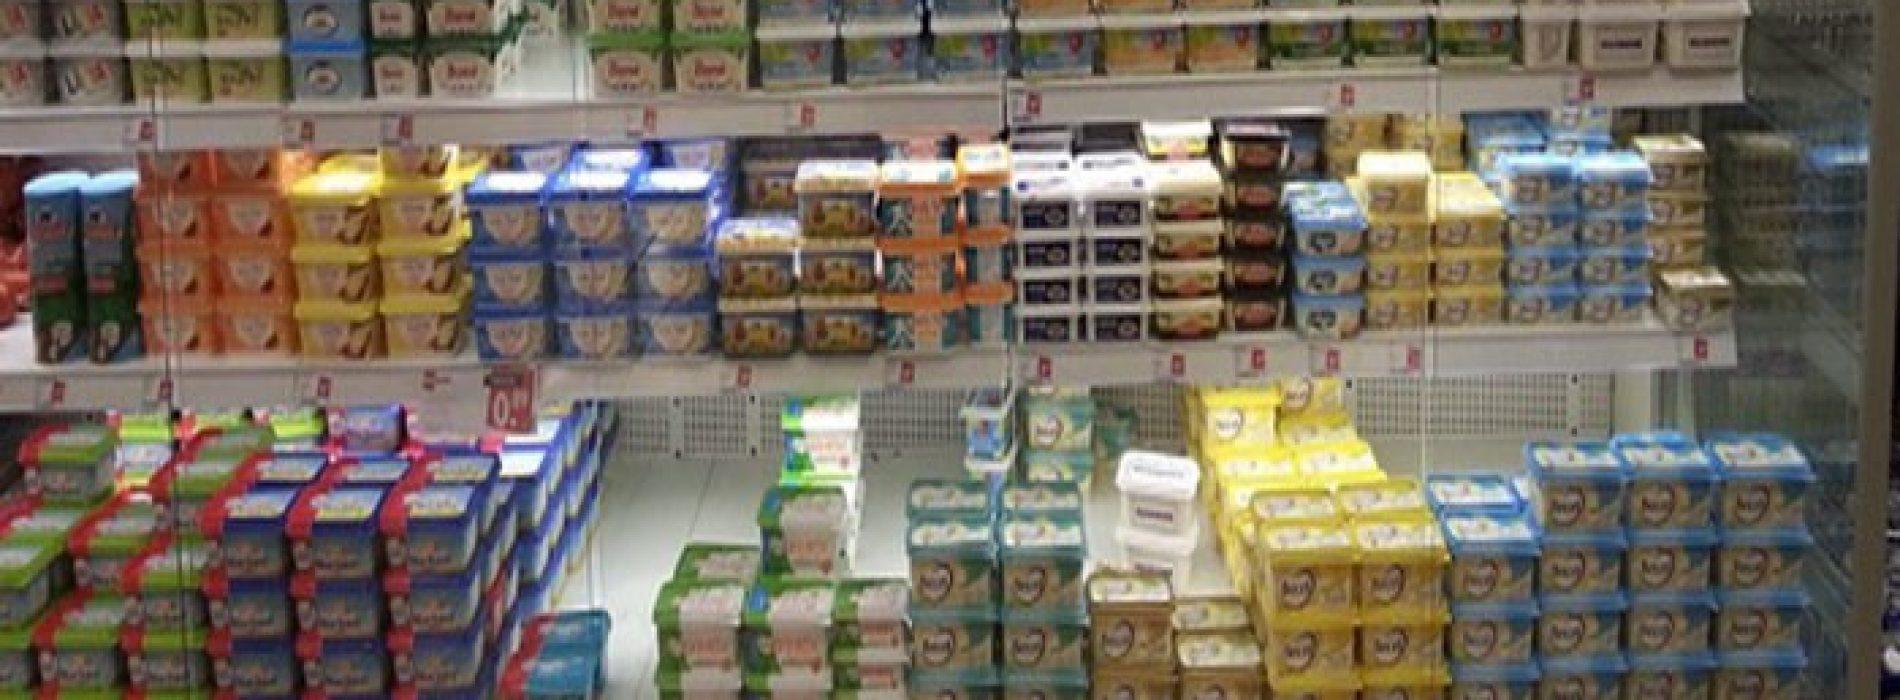 Het eten van margarine kan levensgevaarlijk zijn